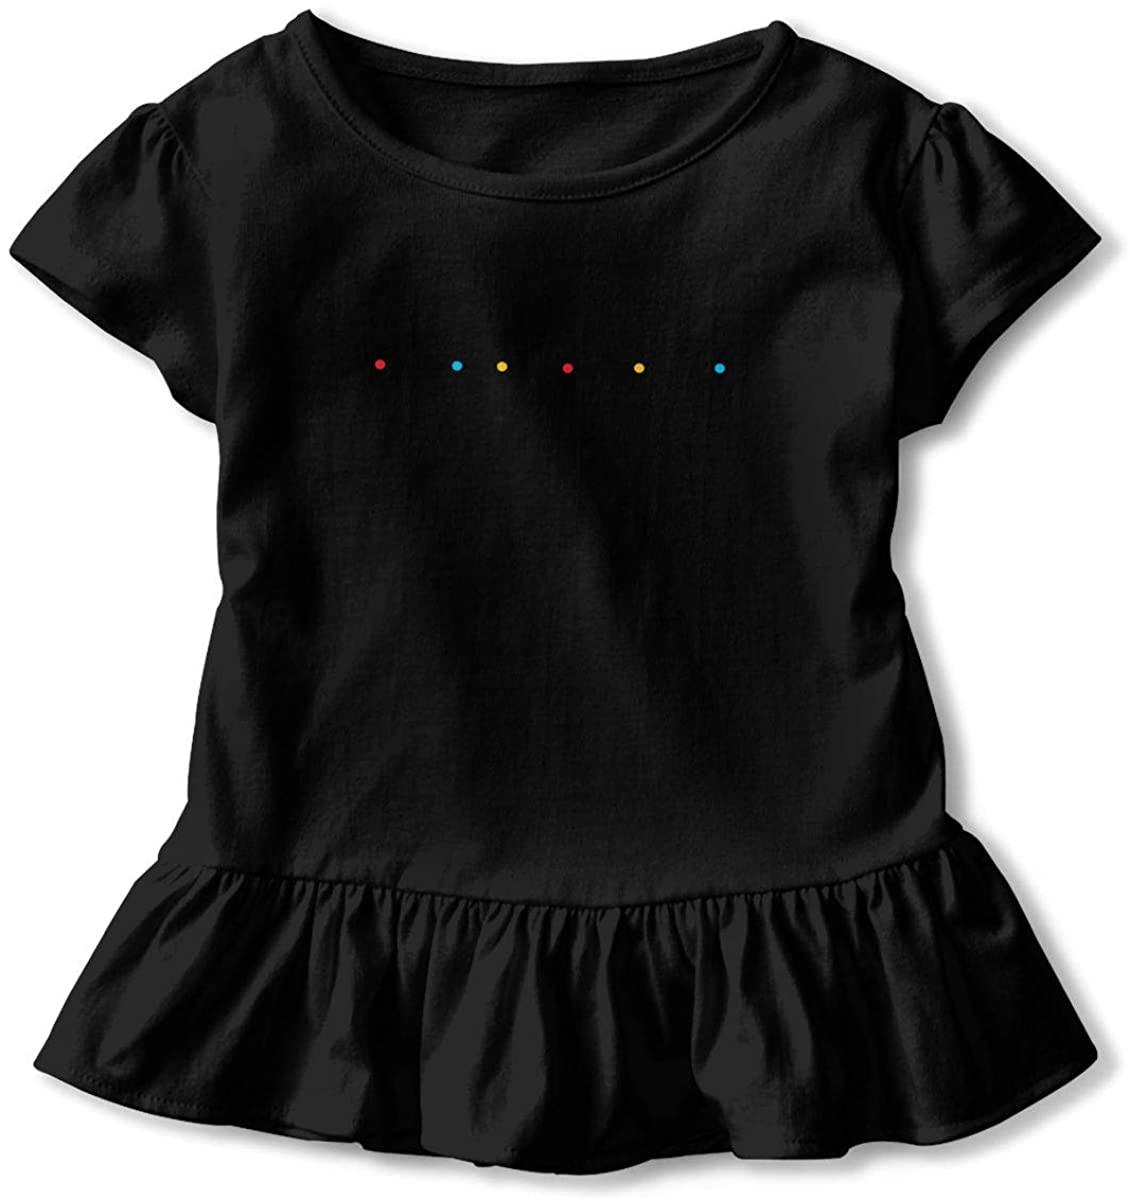 AHUAHUA Kids Friends Logo Toddler Short Sleeve T Shirt Children Girls Cotton Graphic Tee Soft Dress (2-6T)